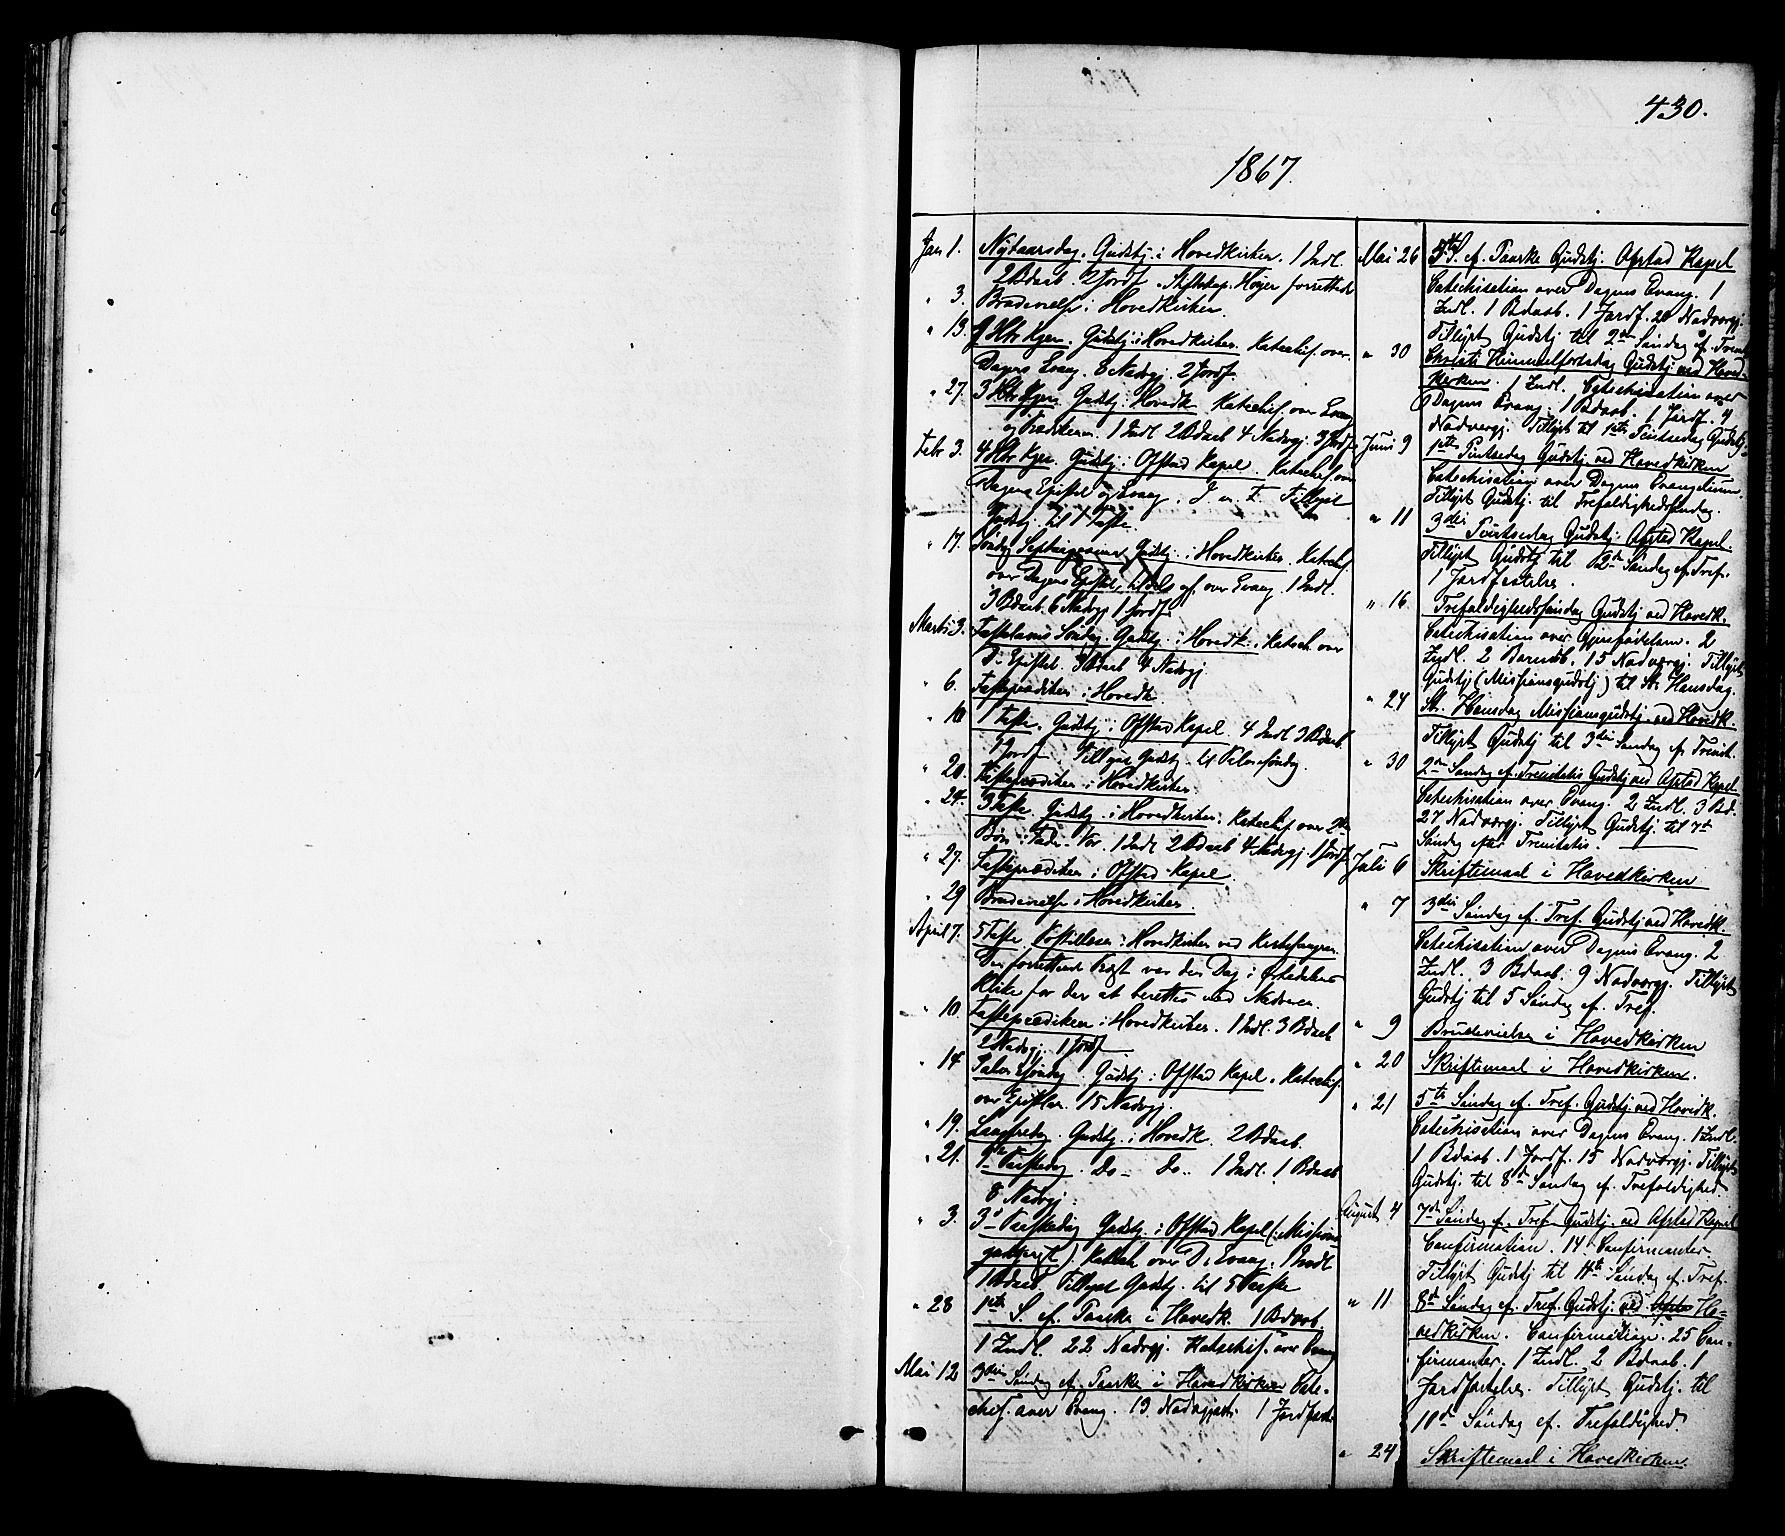 SAT, Ministerialprotokoller, klokkerbøker og fødselsregistre - Sør-Trøndelag, 665/L0777: Klokkerbok nr. 665C02, 1867-1915, s. 430